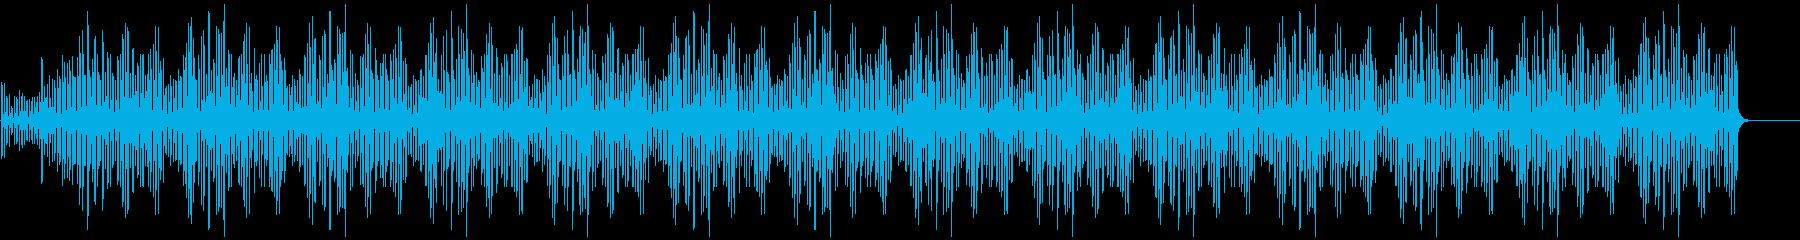 ミニマルなピアノBGM(シンプルver)の再生済みの波形